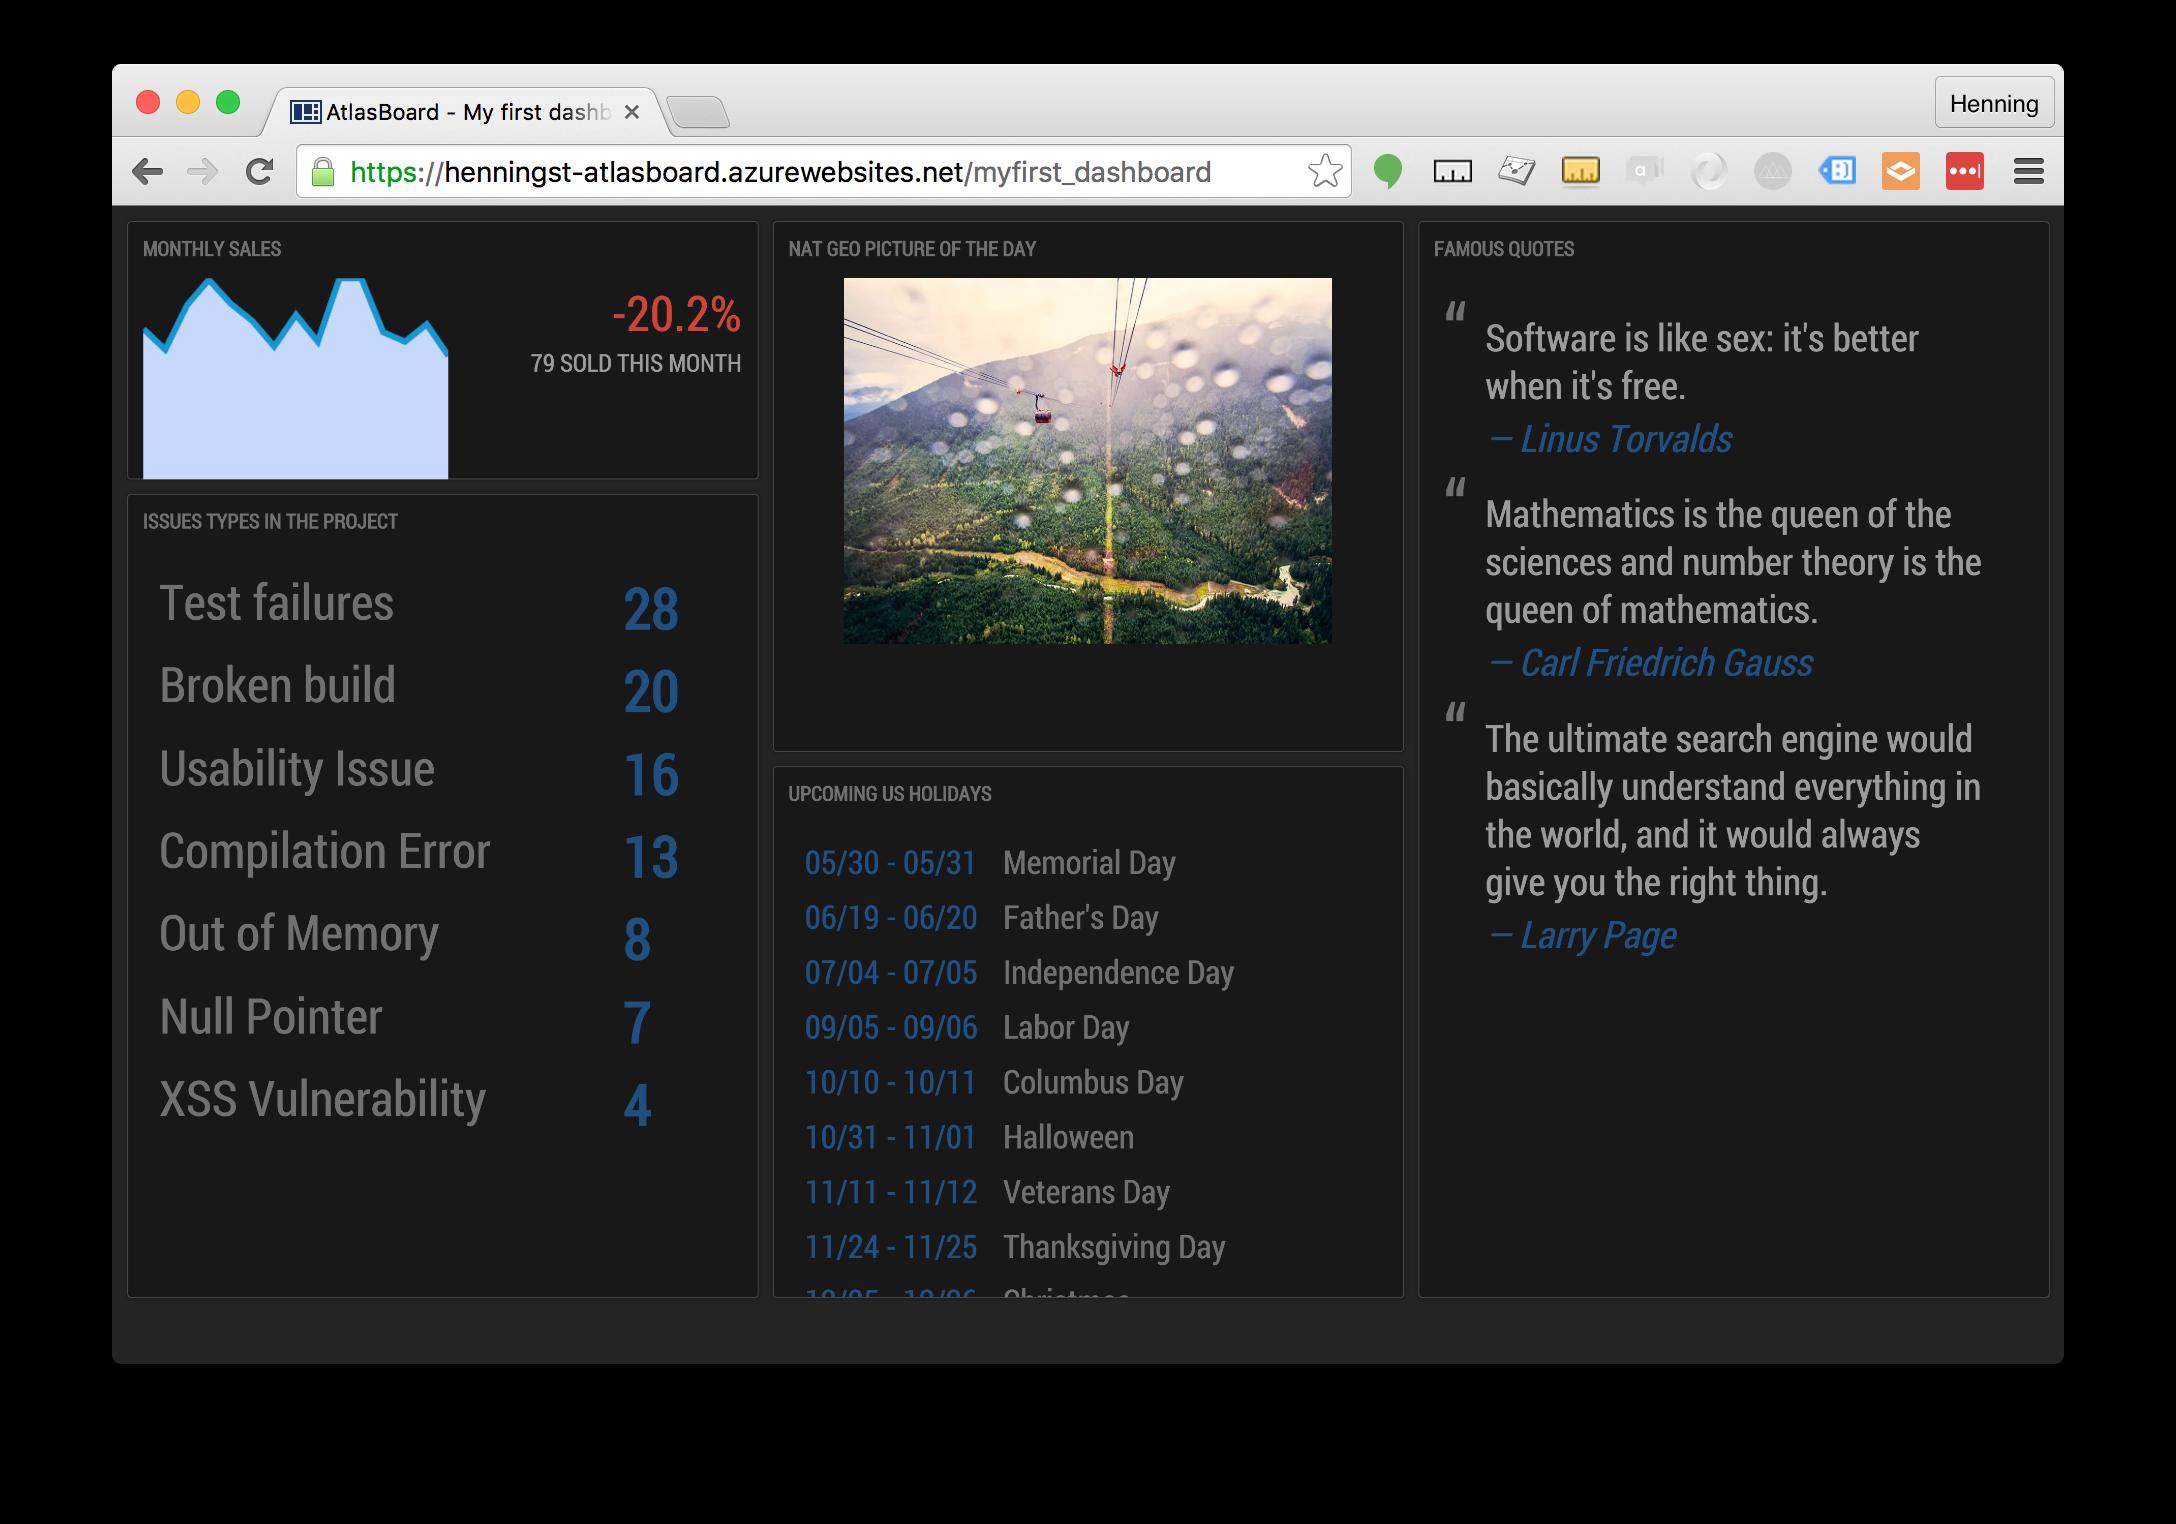 Screenshot of a running Atlasboard